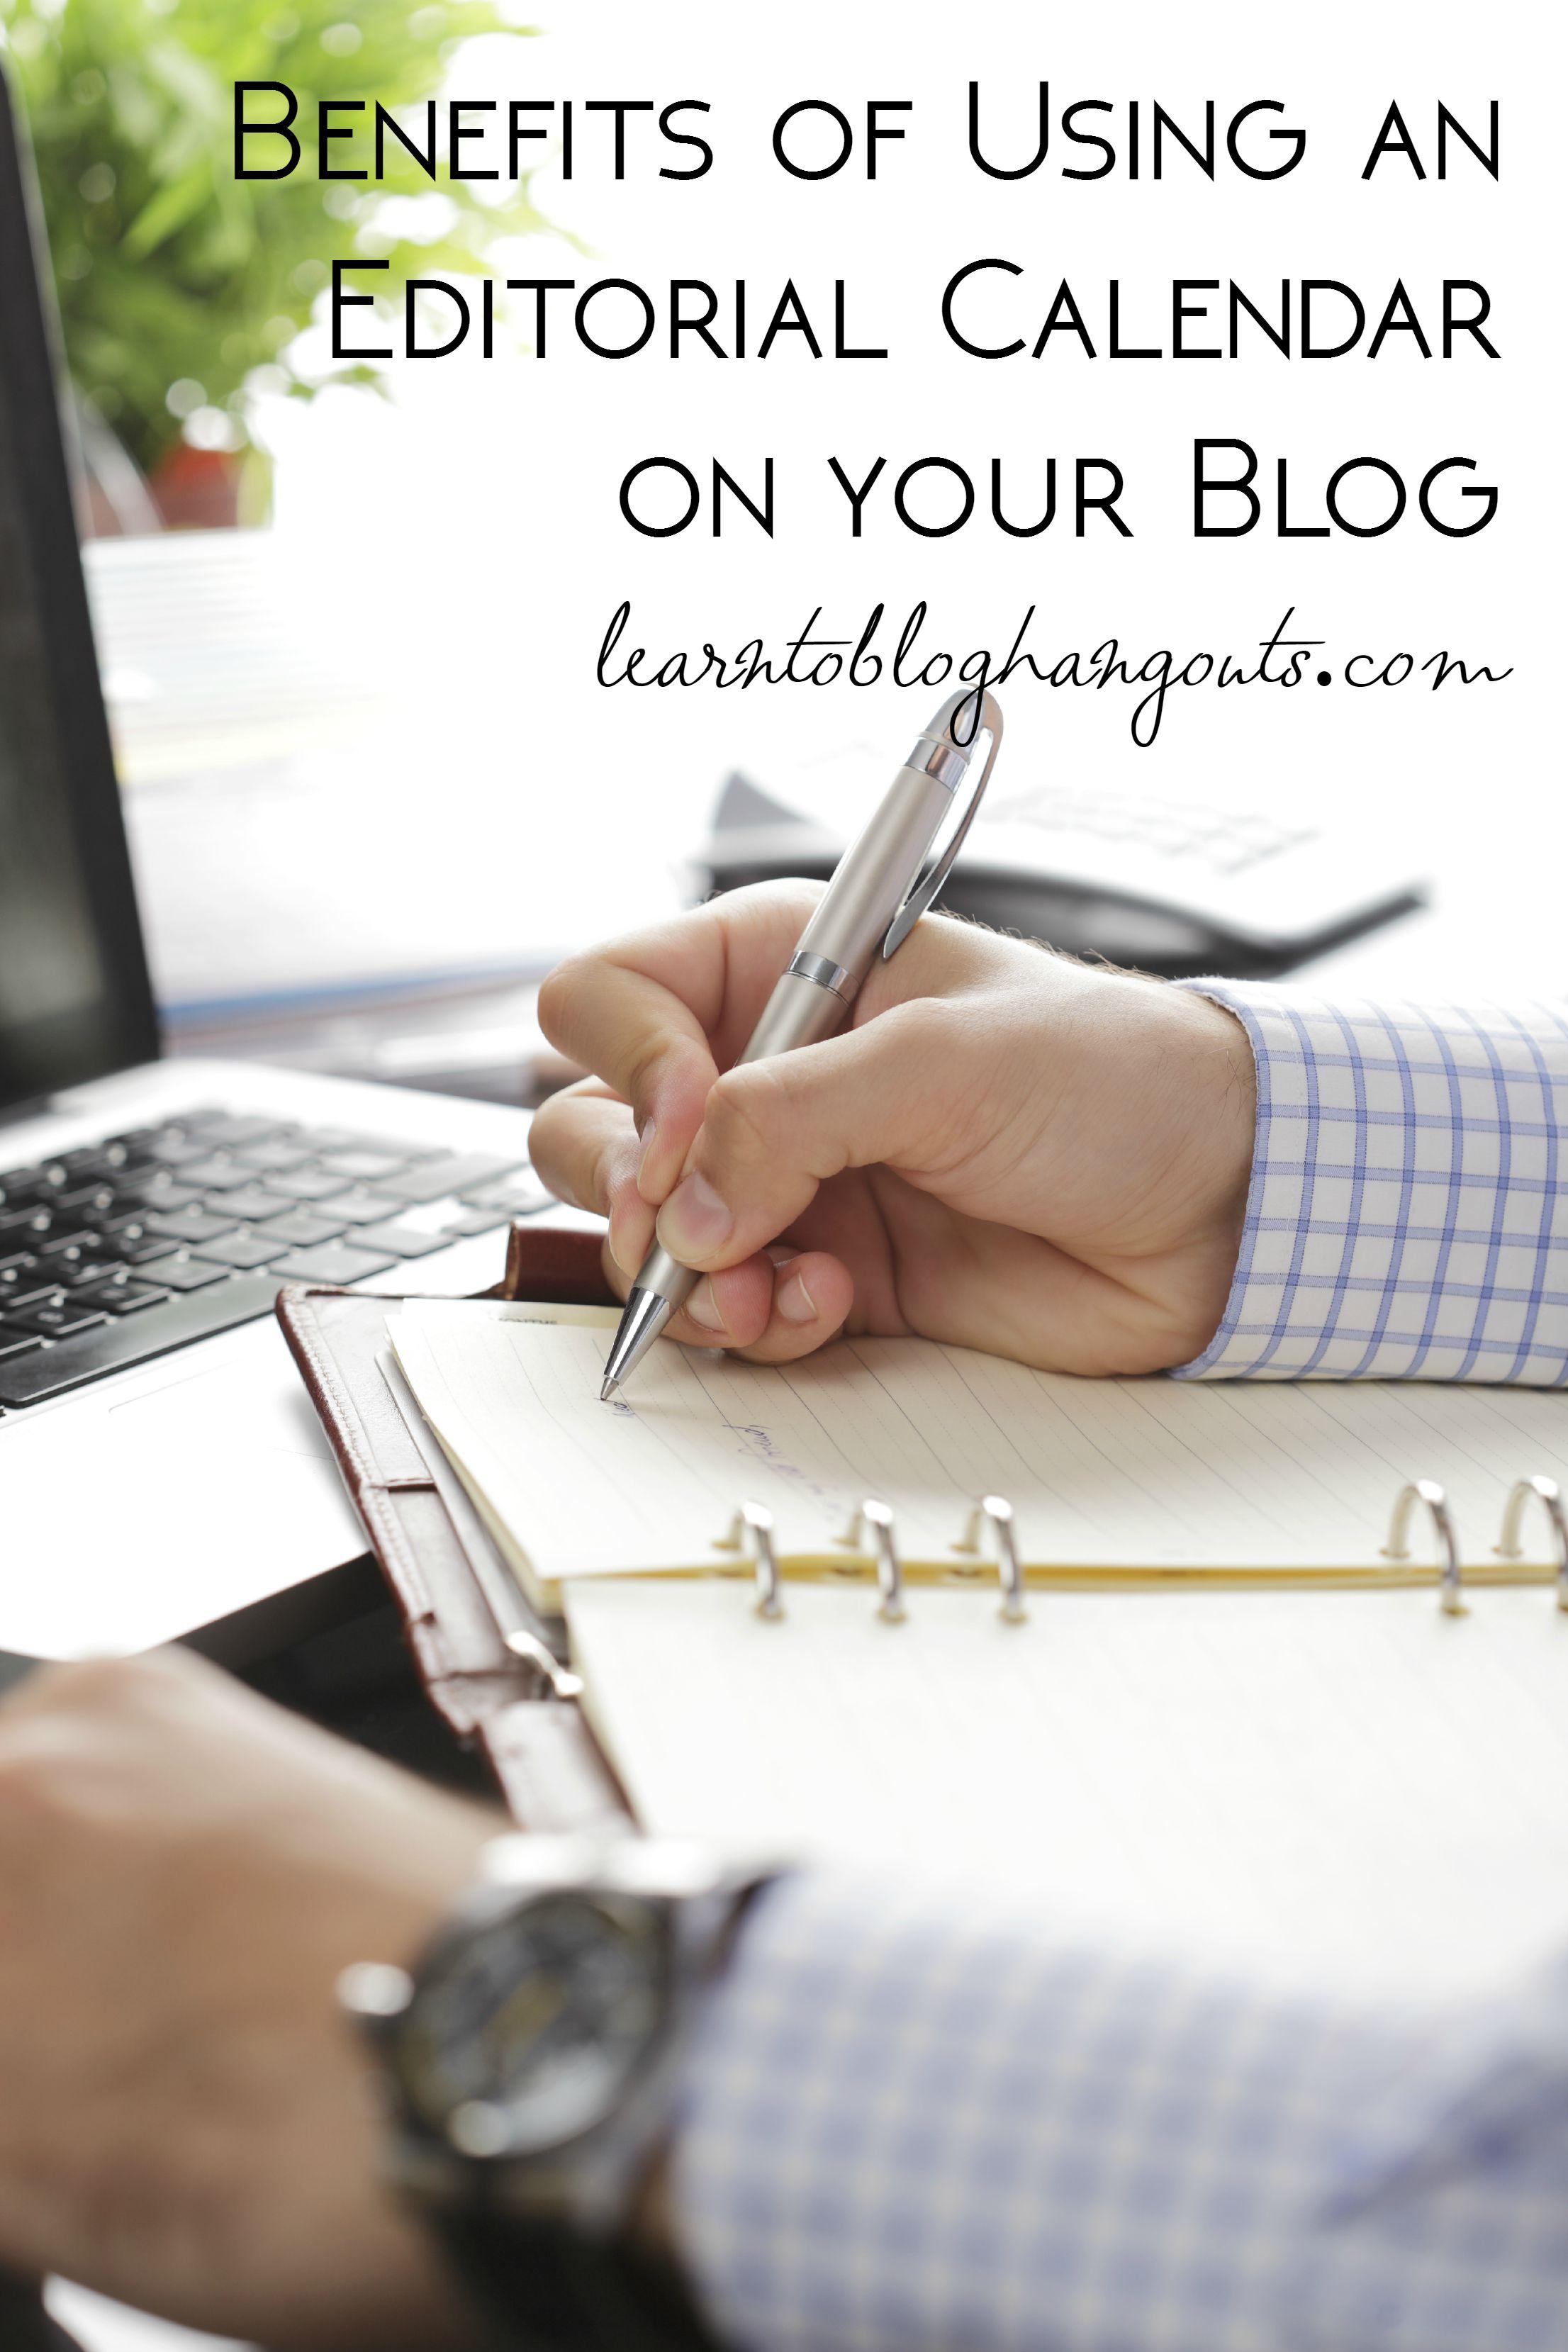 How an Editorial Calendar Helps You as a Blogger